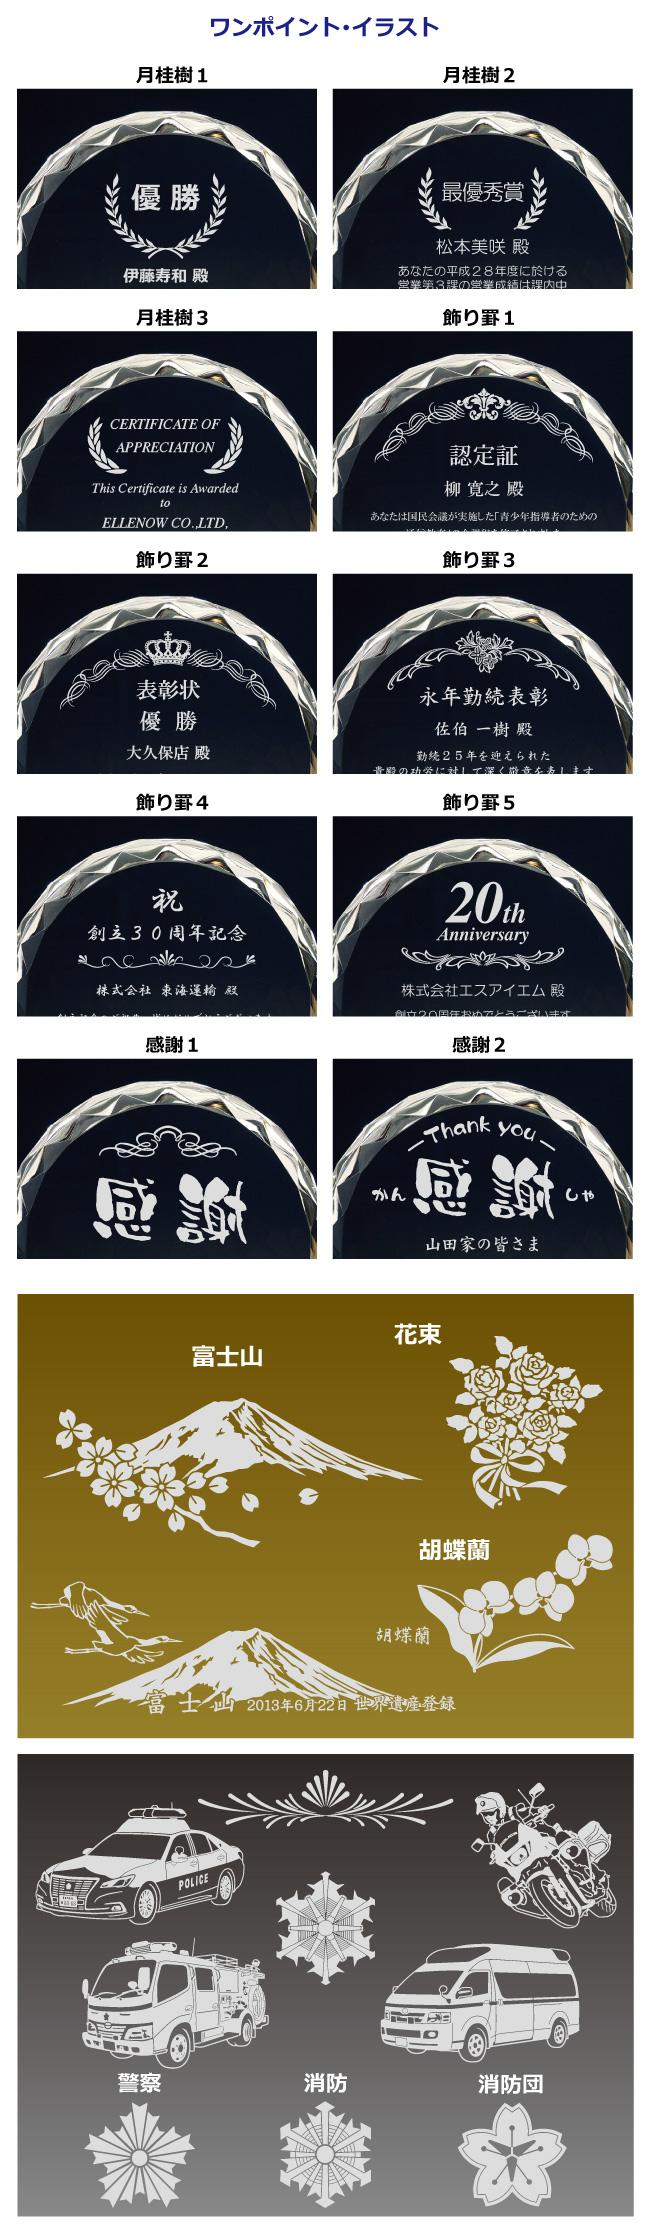 クリスタル楯(盾)ラウンド型イラスト彫刻